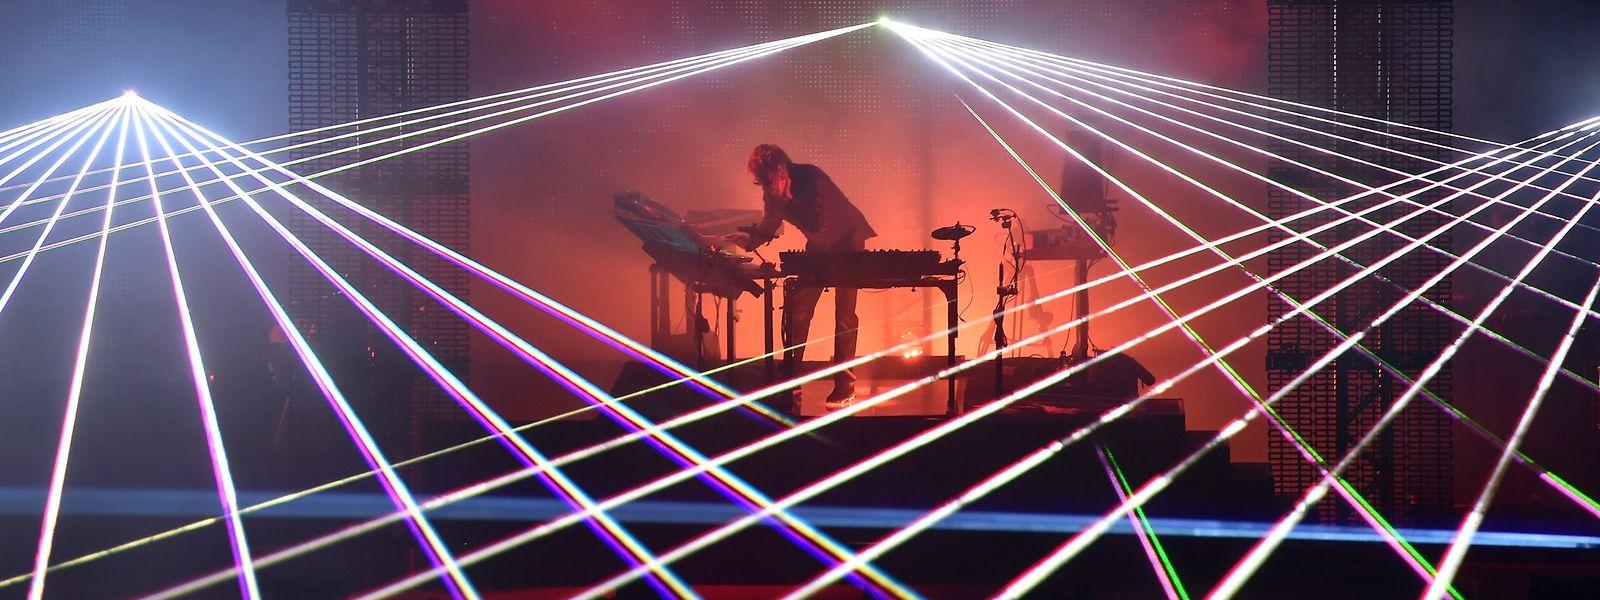 Jean-Michel Jarres Konzerte sind gigantische visuelle Shows.